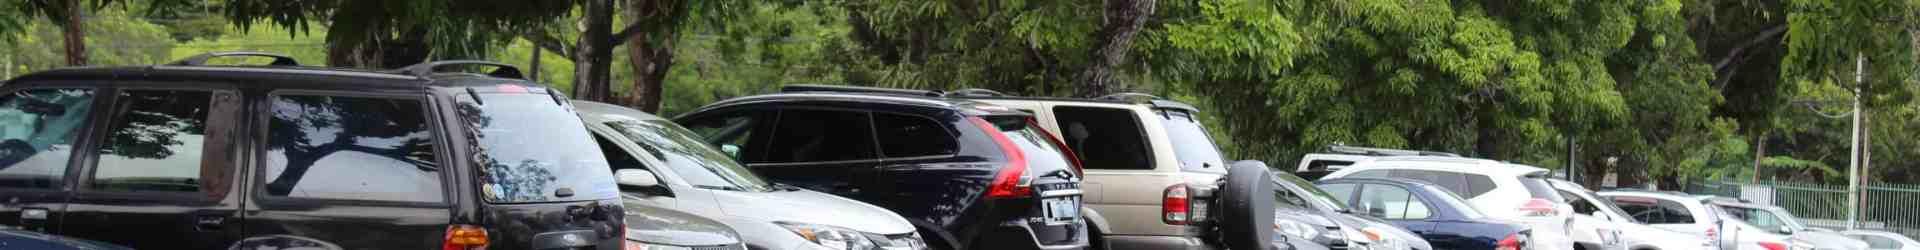 Intentan robar vehículo en el estacionamiento de Sociales